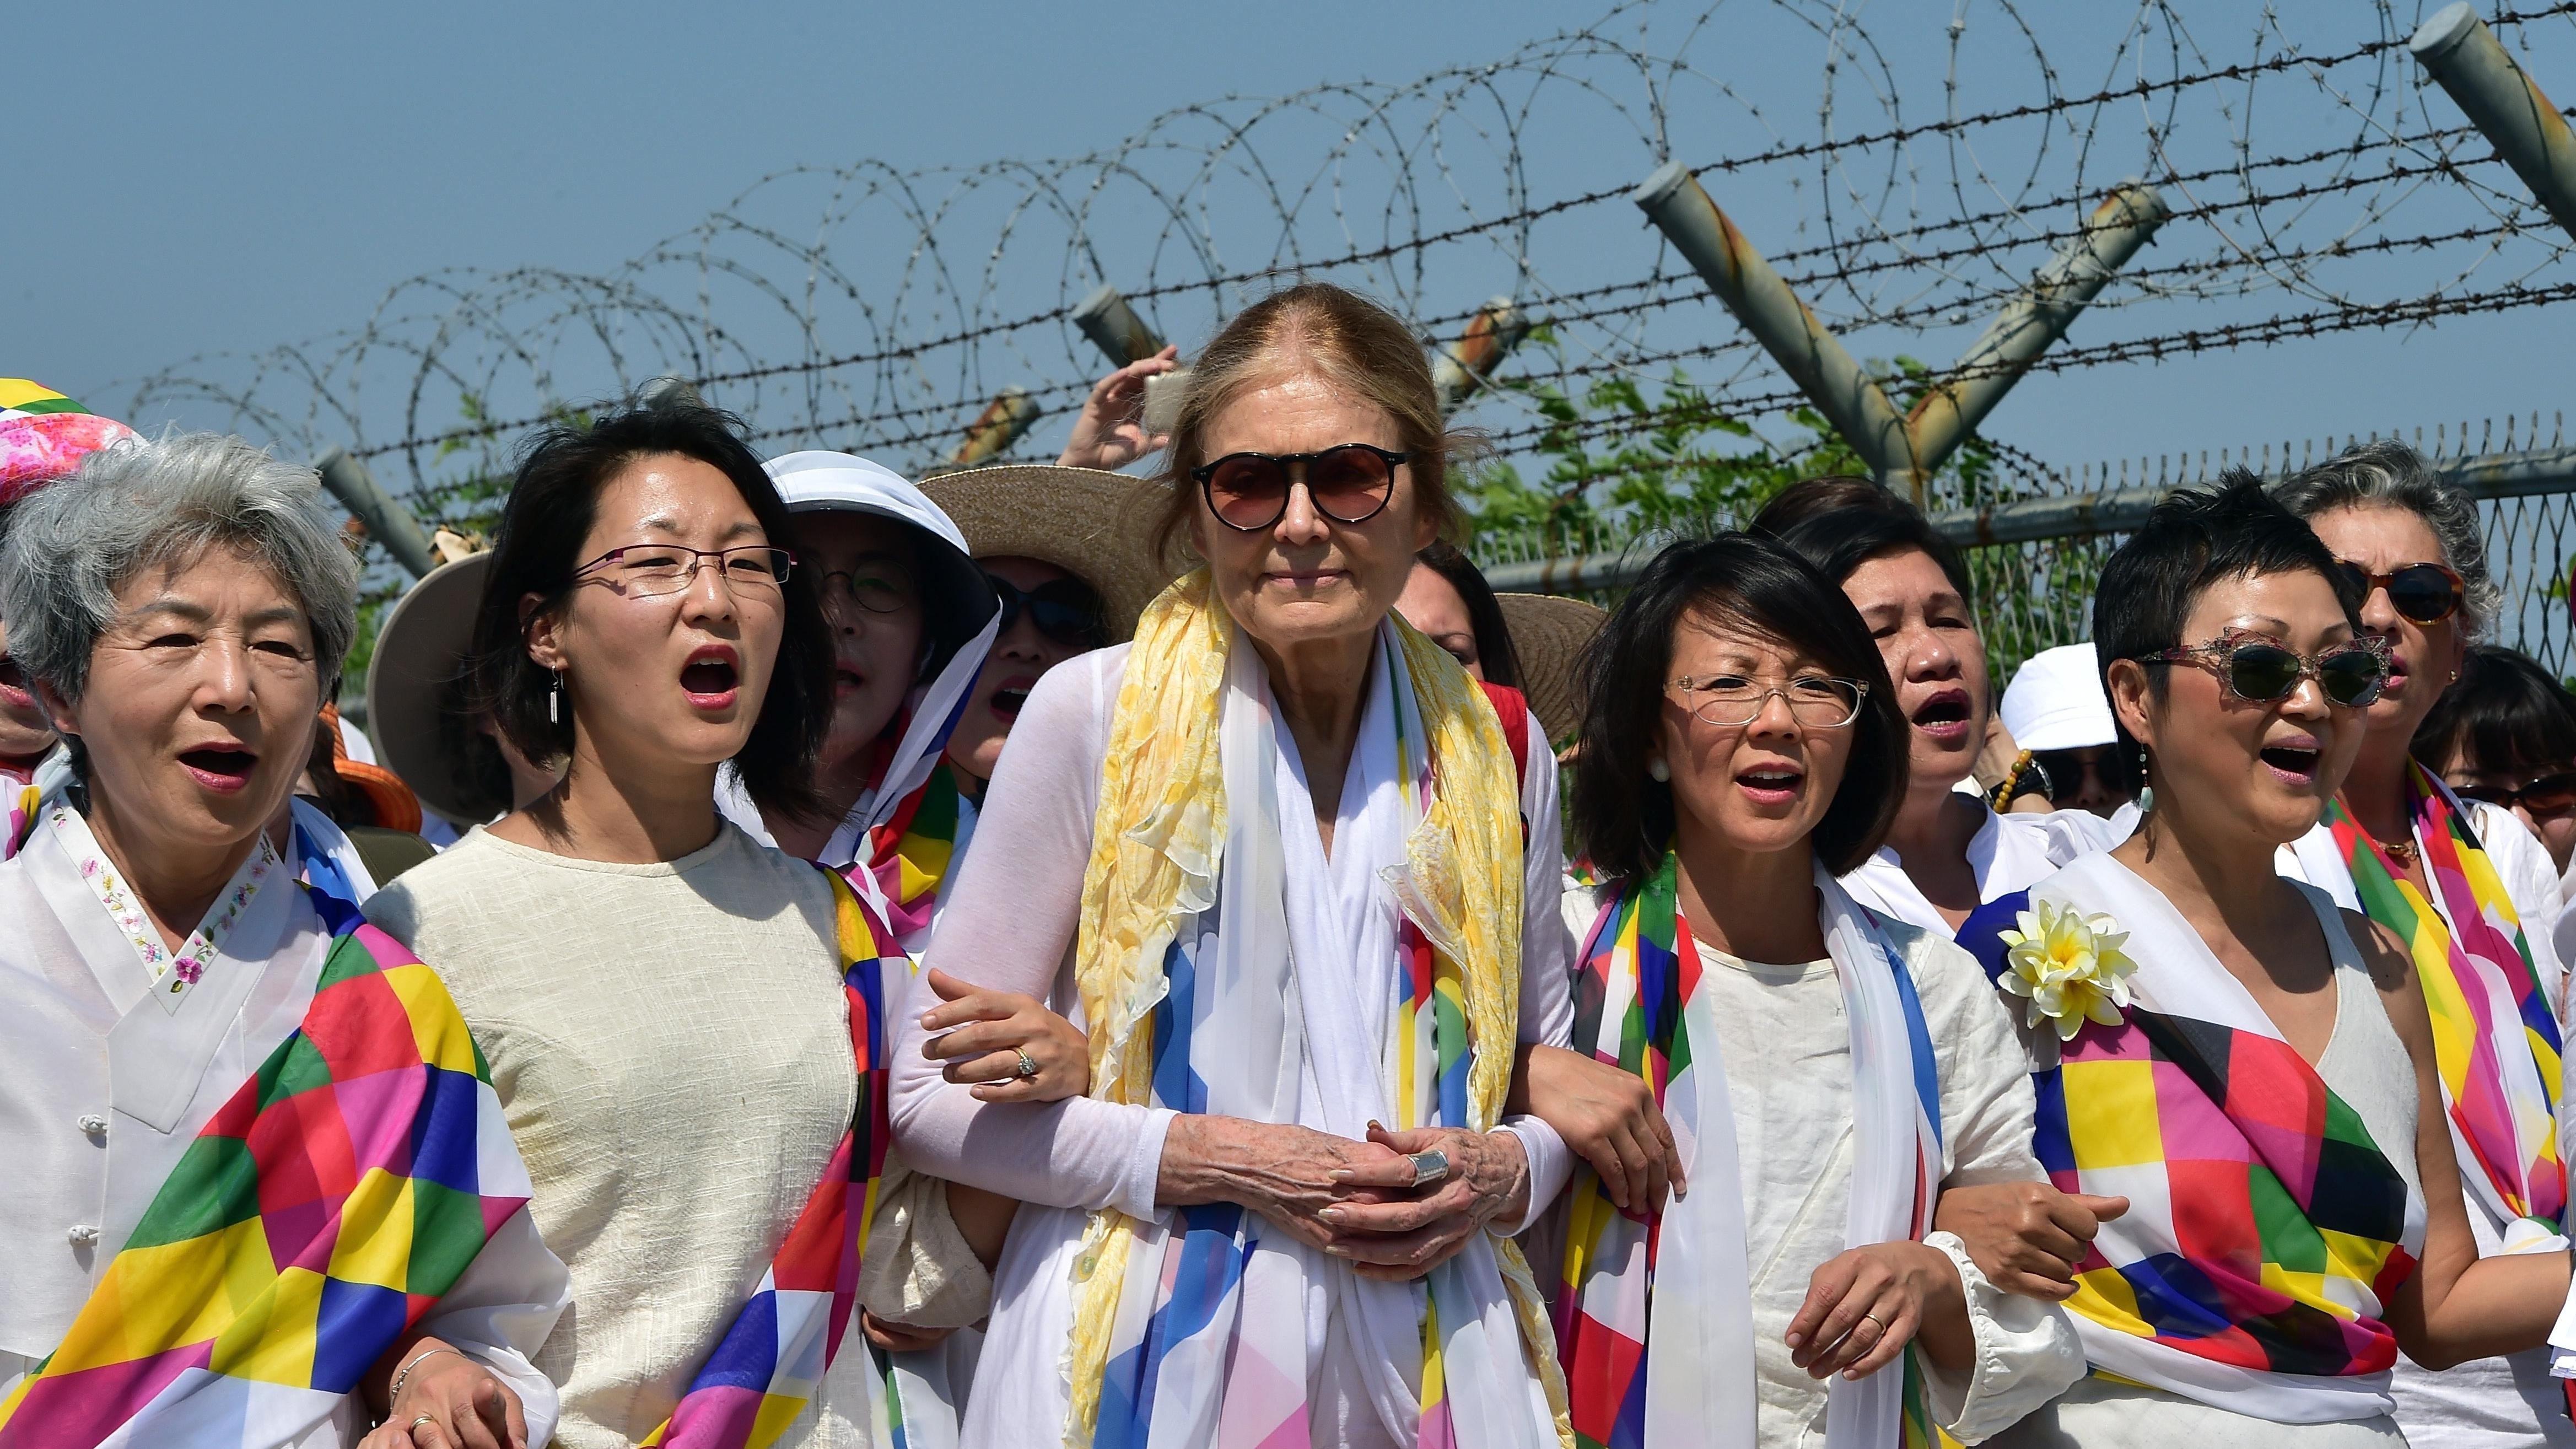 Controversy Follows As Activists Cross North-South Korean Border